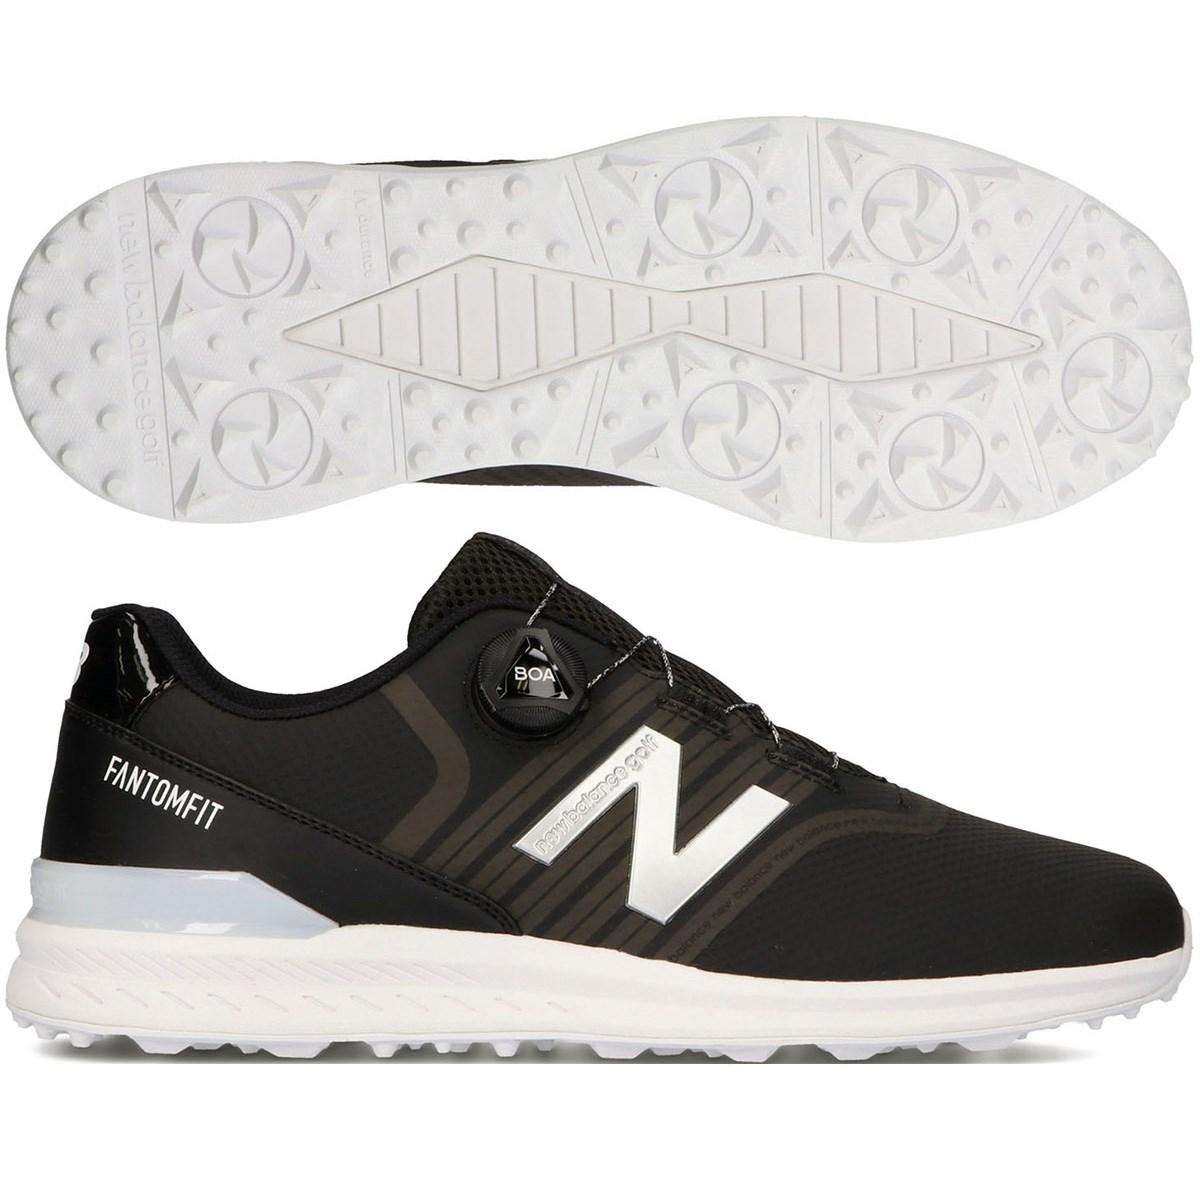 ニューバランス New Balance スパイクレスBOA シューズ UGBS996 28cm ブラック